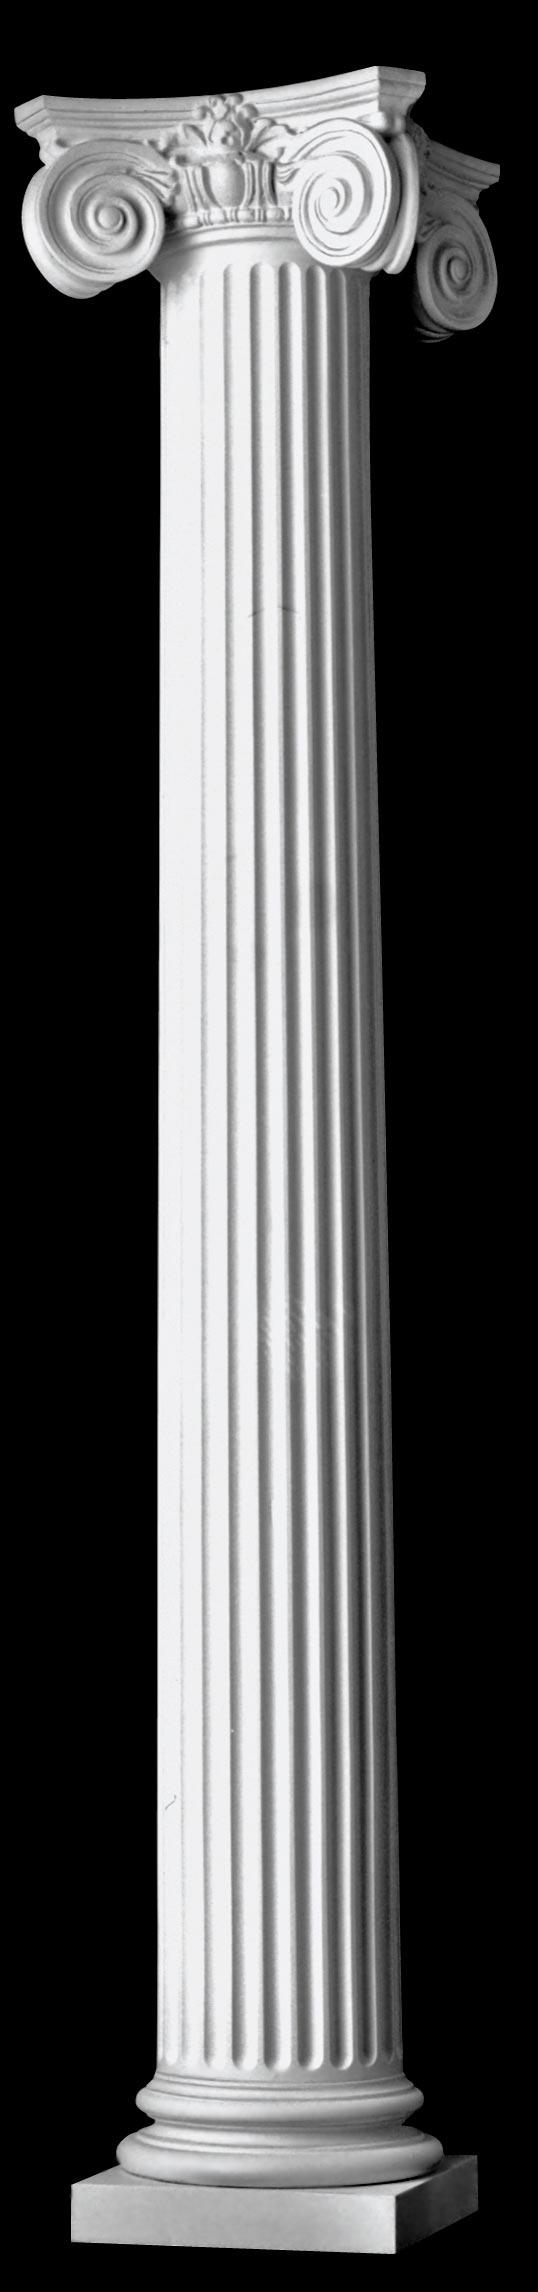 fluted composite columns polystone scamozzi column design